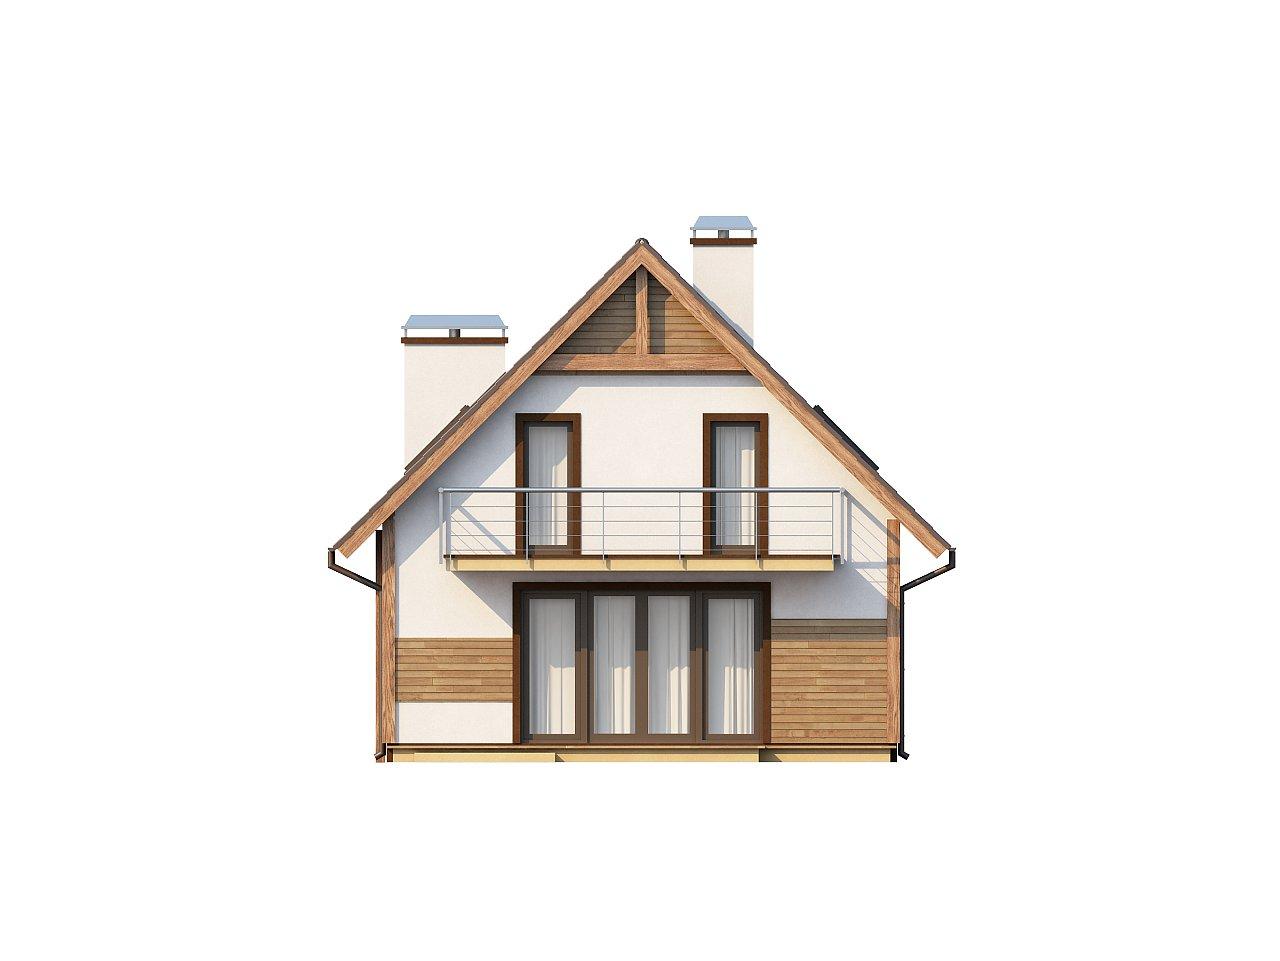 Предложение выгодного и практичного дома, подходящего для удлиненного или, наоборот, неглубокого участка. 4